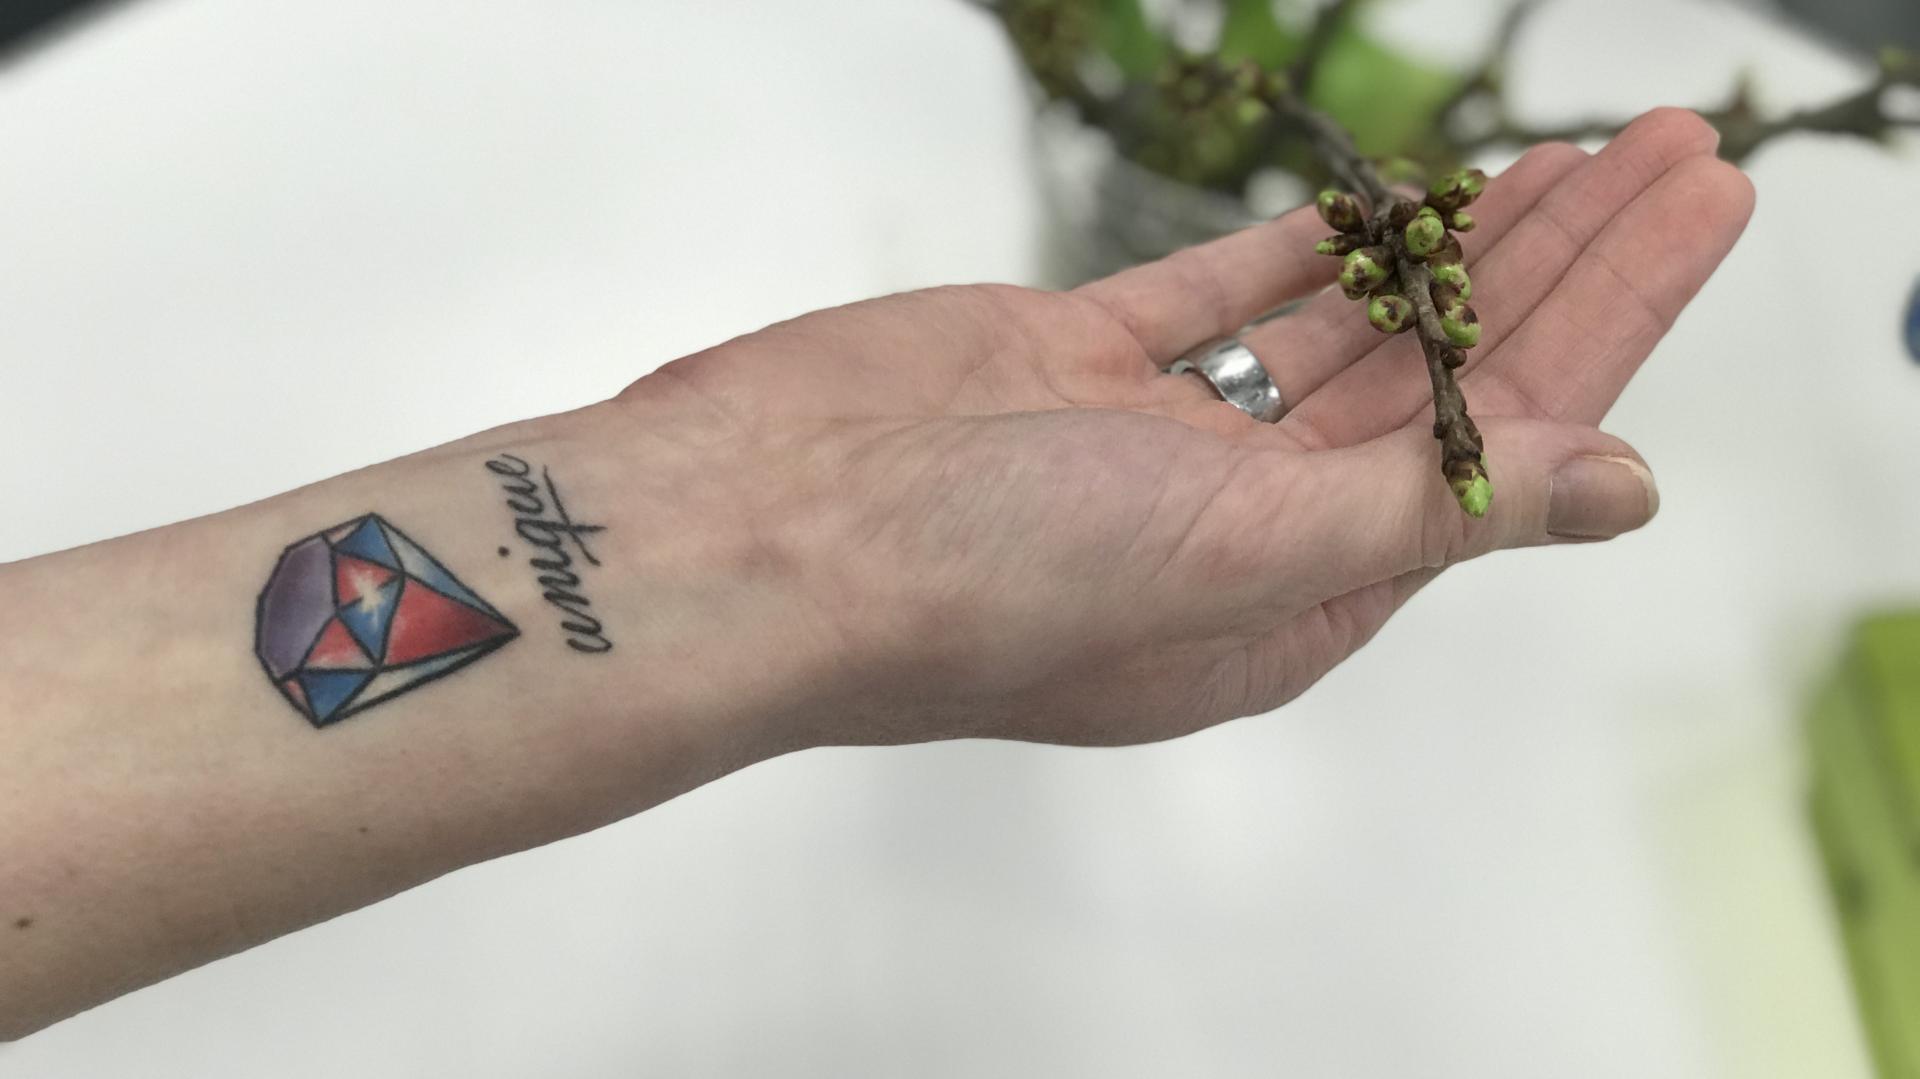 Großartig Tattoo Folie Entfernen Referenz Von Tattoos Sind Attraktiv Und Immer Beliebter. Die